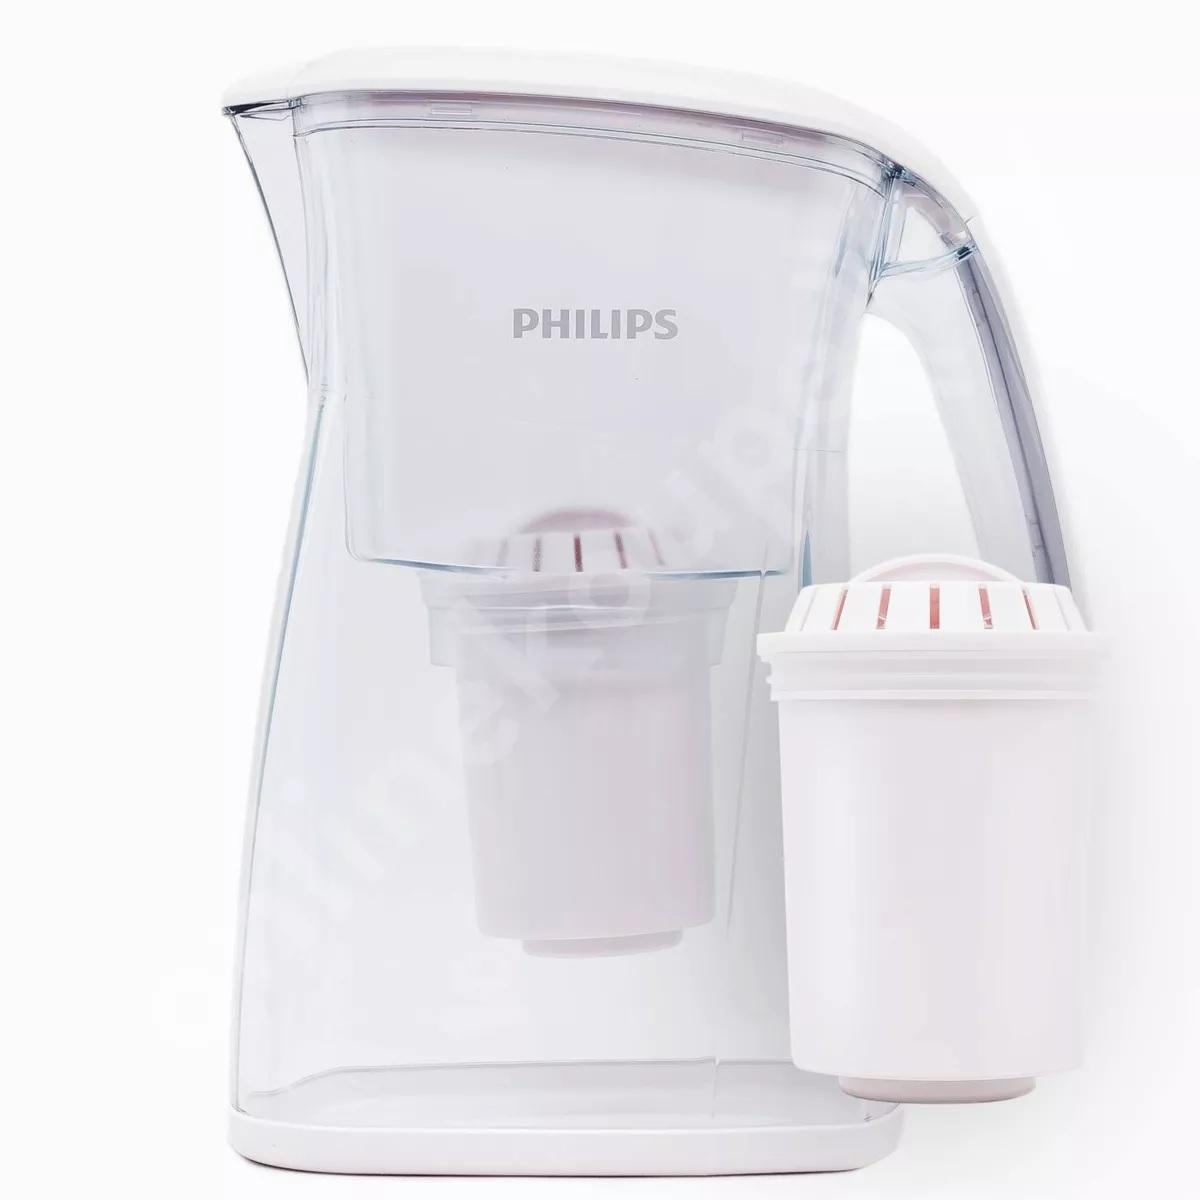 Soutěž o 4 filtrační konvice Philips